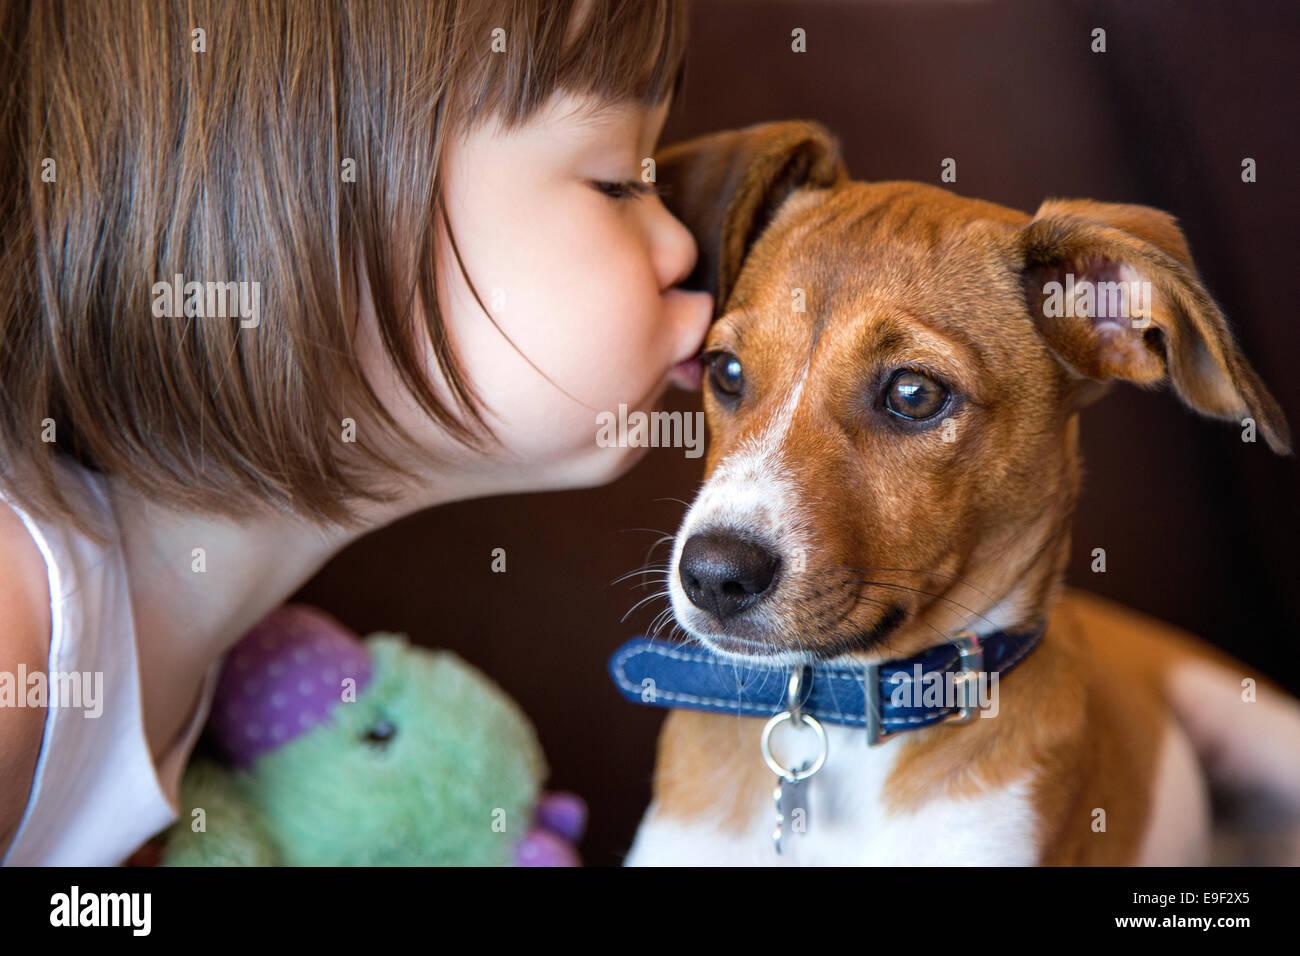 Kleinkind Mädchen küssen ihr Hündchen Stockbild